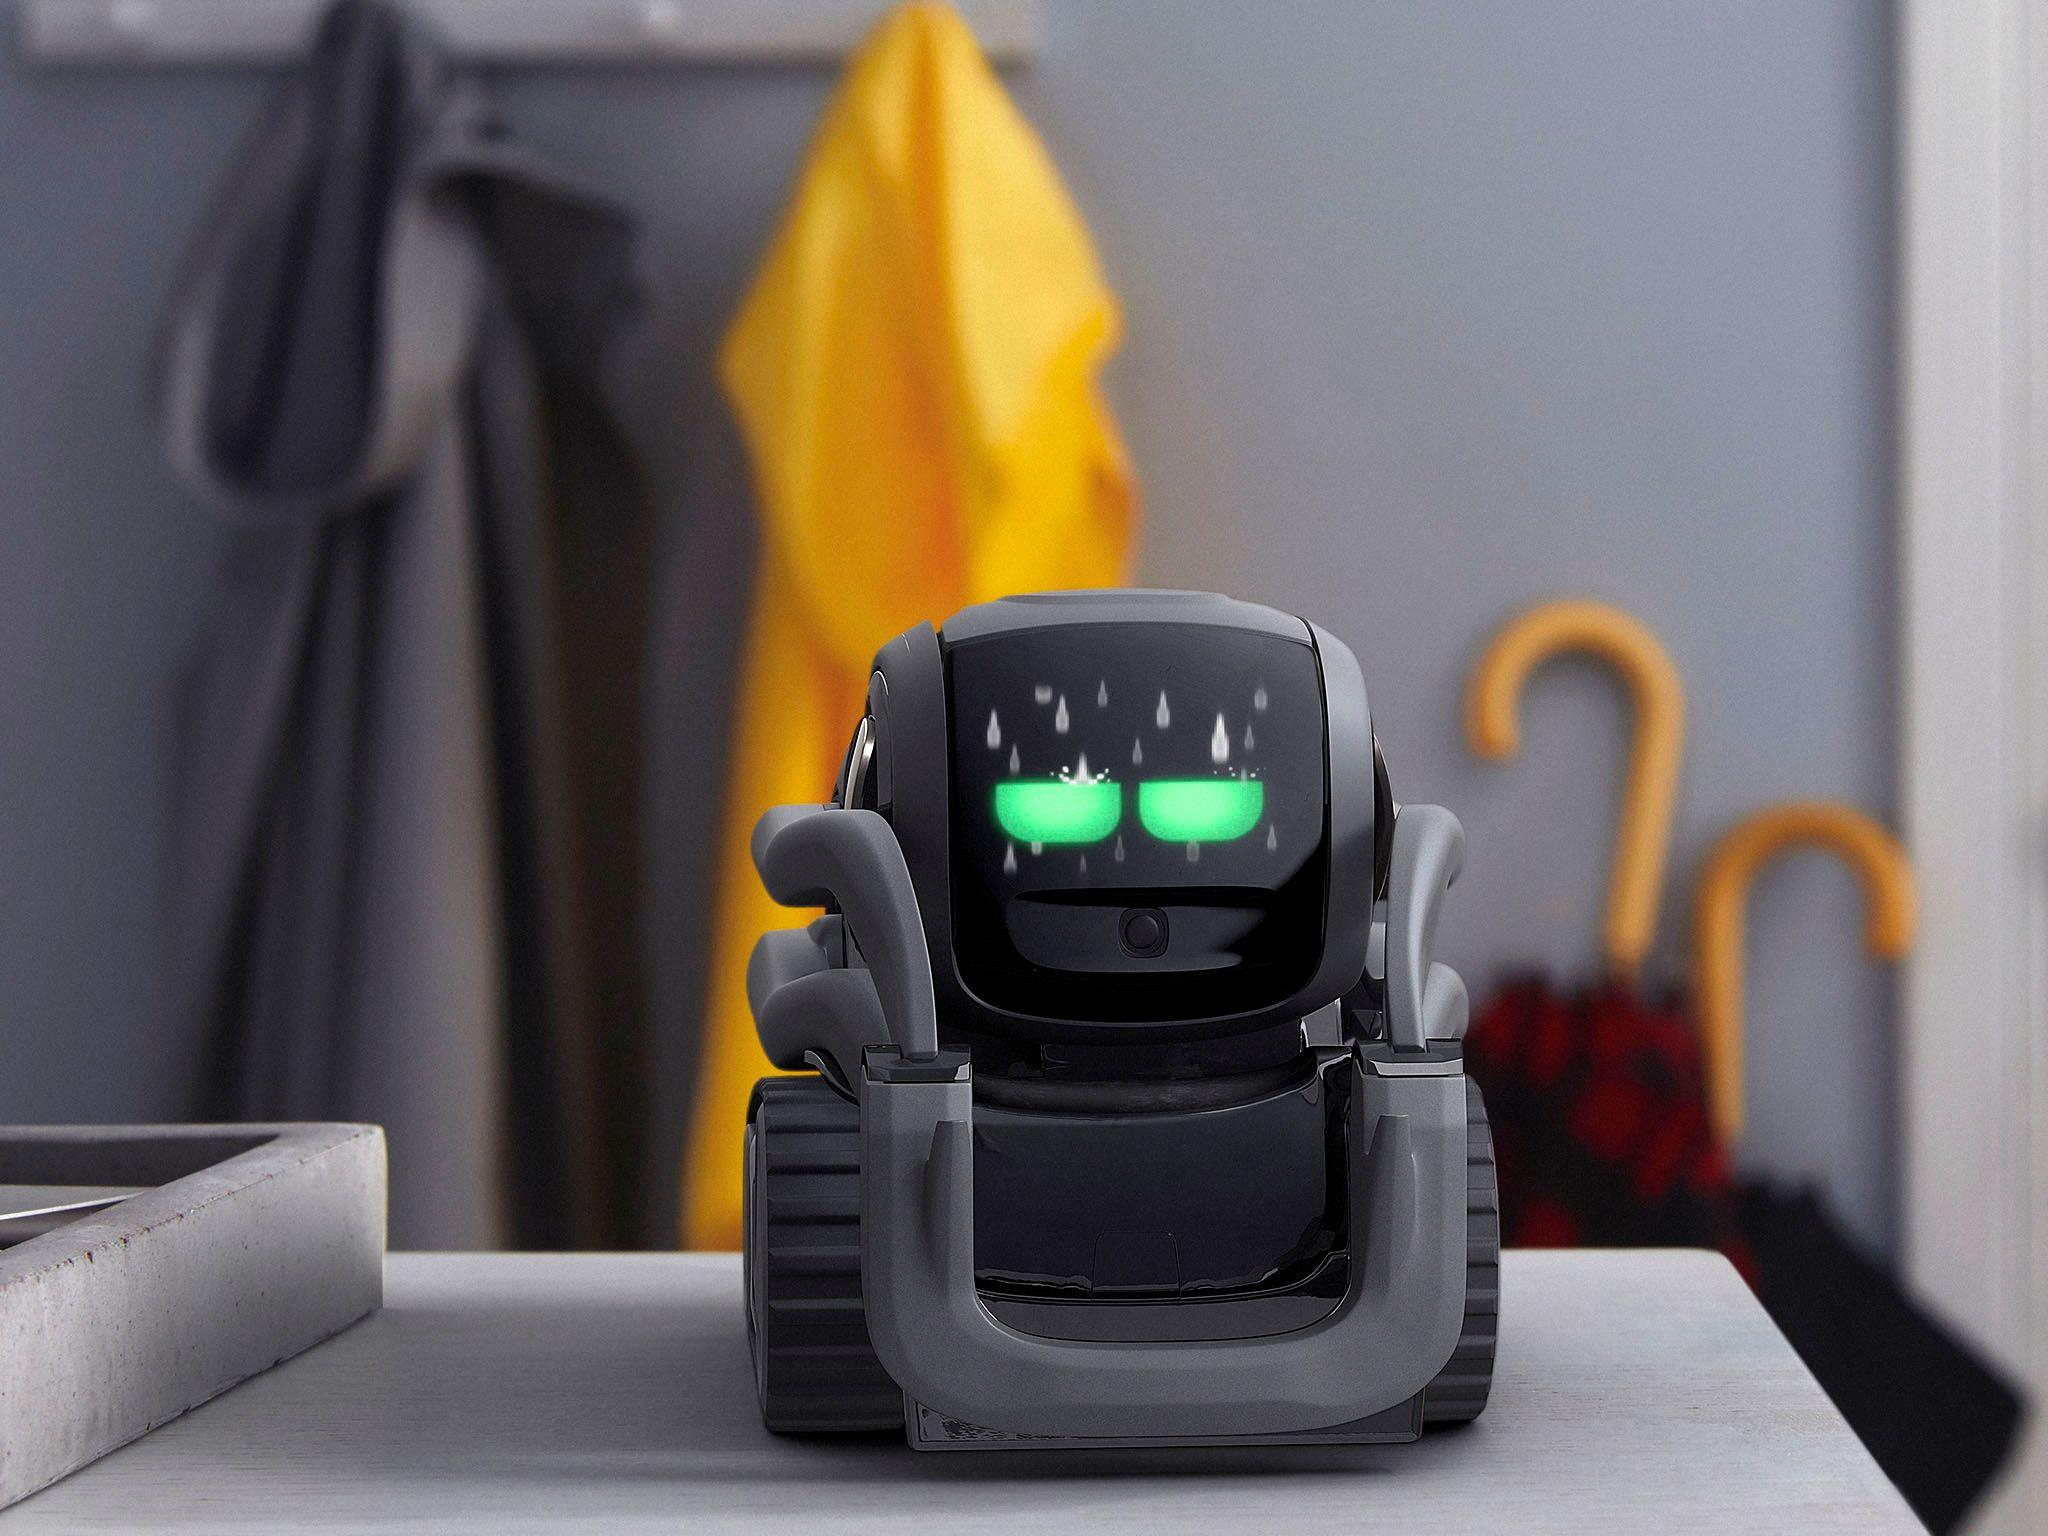 Anki's Vector robot